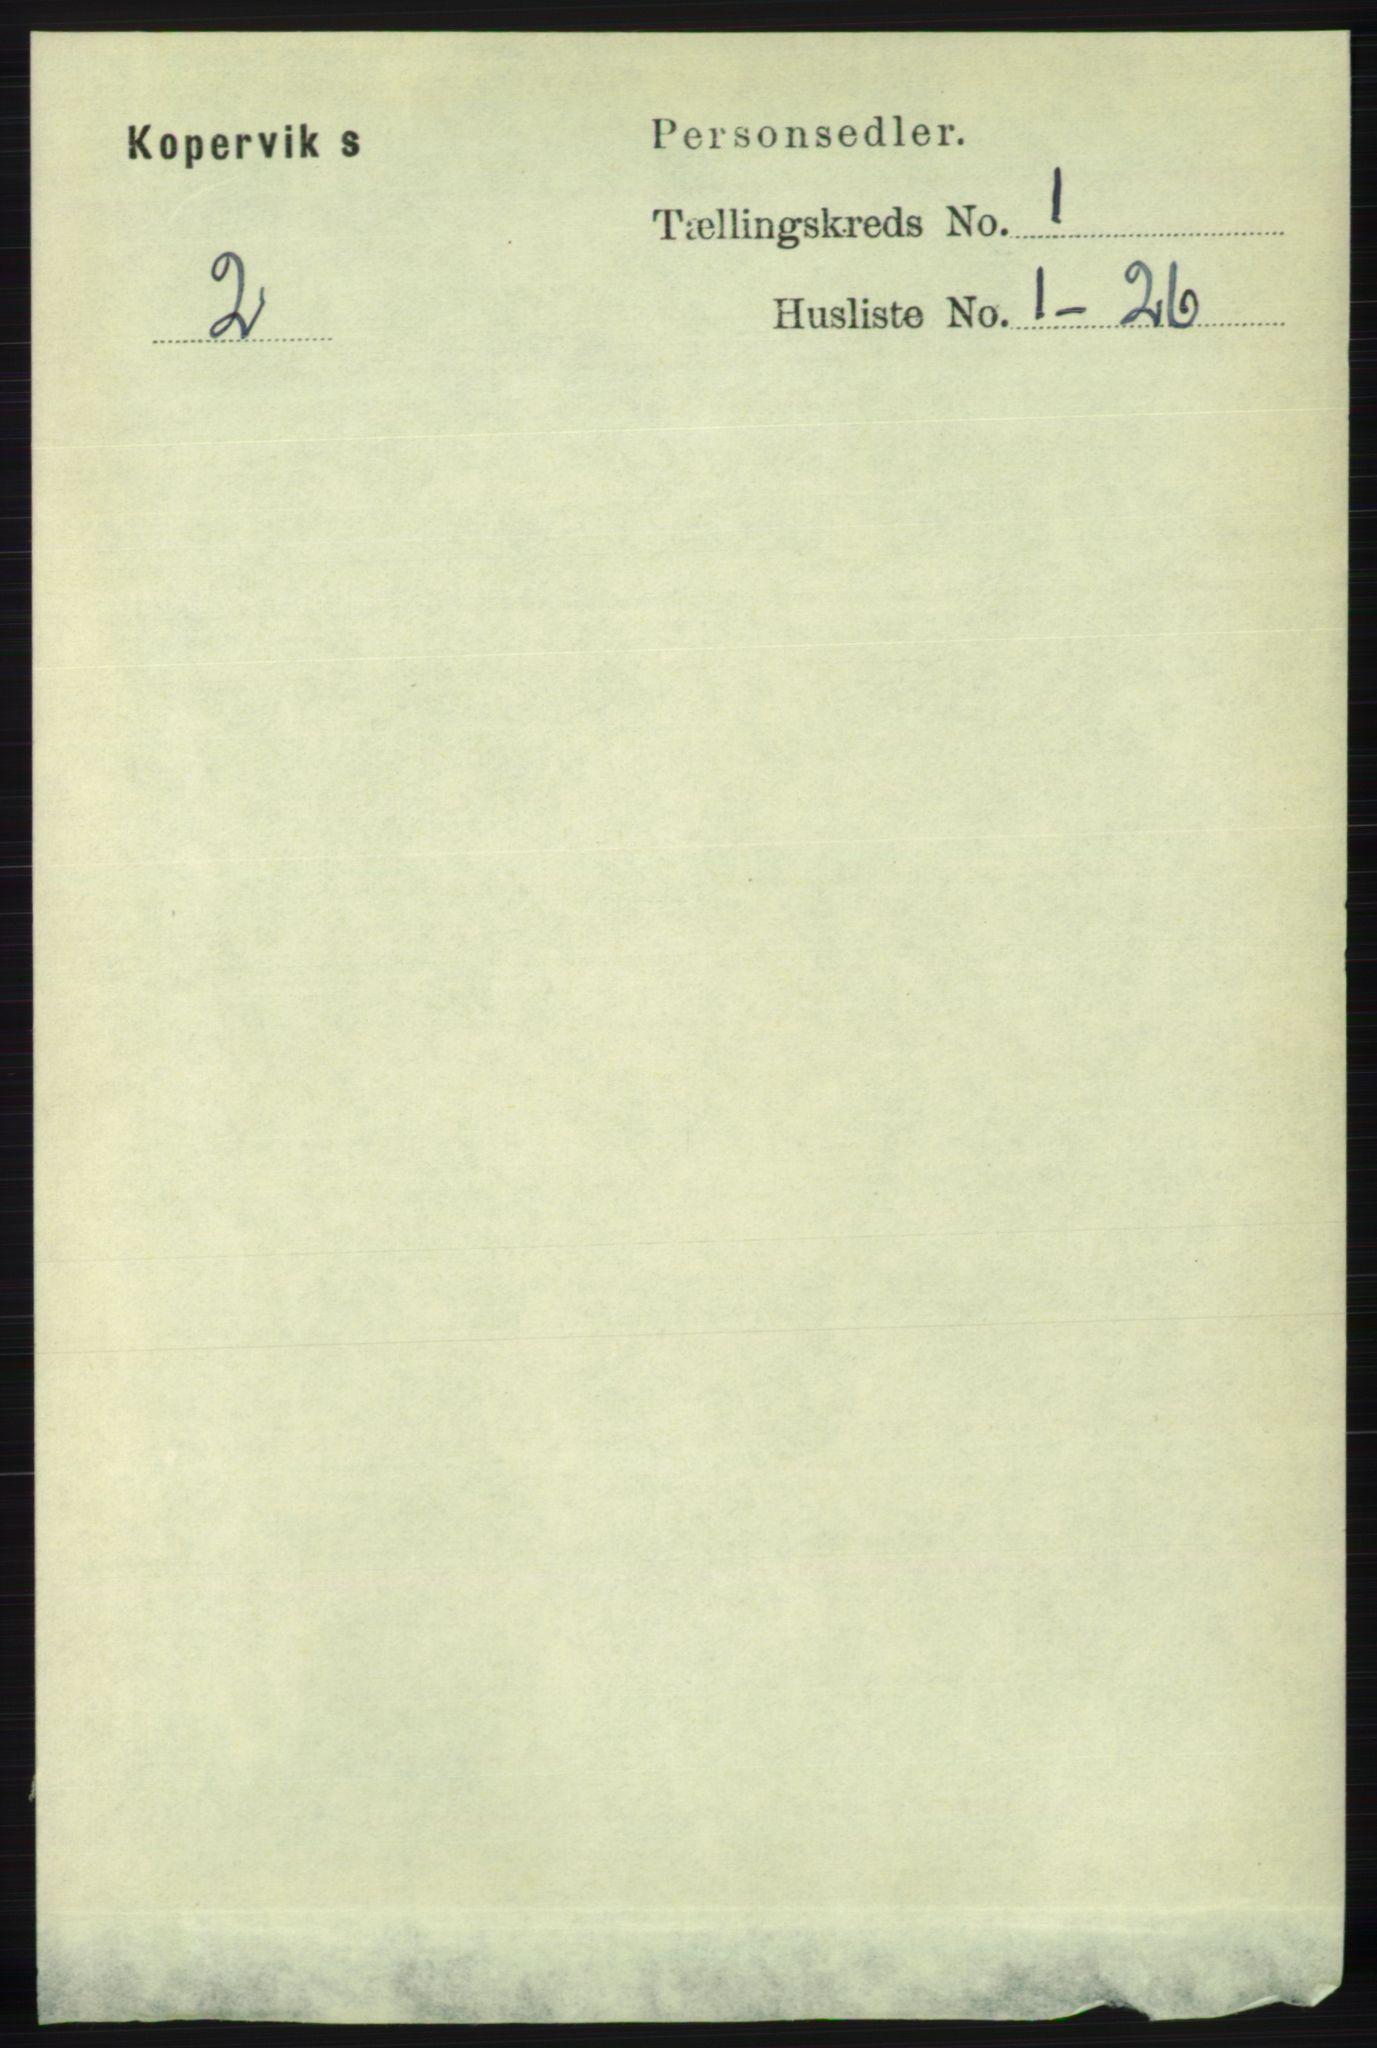 RA, Folketelling 1891 for 1147 Avaldsnes herred, 1891, s. 168